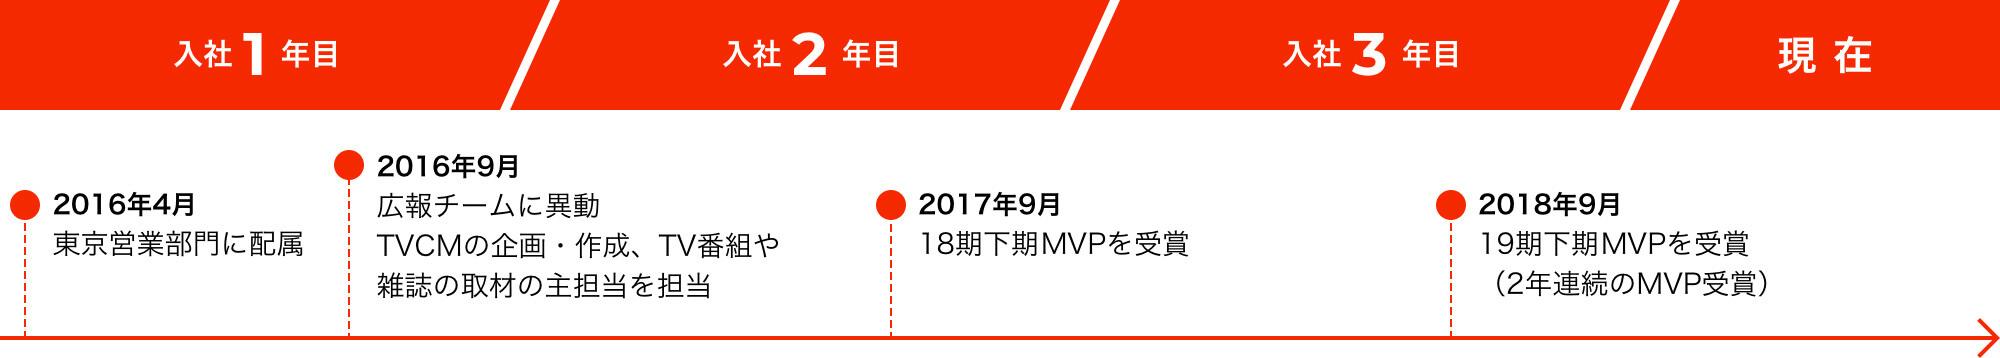 【入社1年目】東京営業部門に配属 広報チームに異動【入社2年目】18期下期MVPを受賞入社【入社3年目】19期下期MVPを受賞【現在】TVCMの企画・作成、TV番組や雑誌の取材の主担当を担当